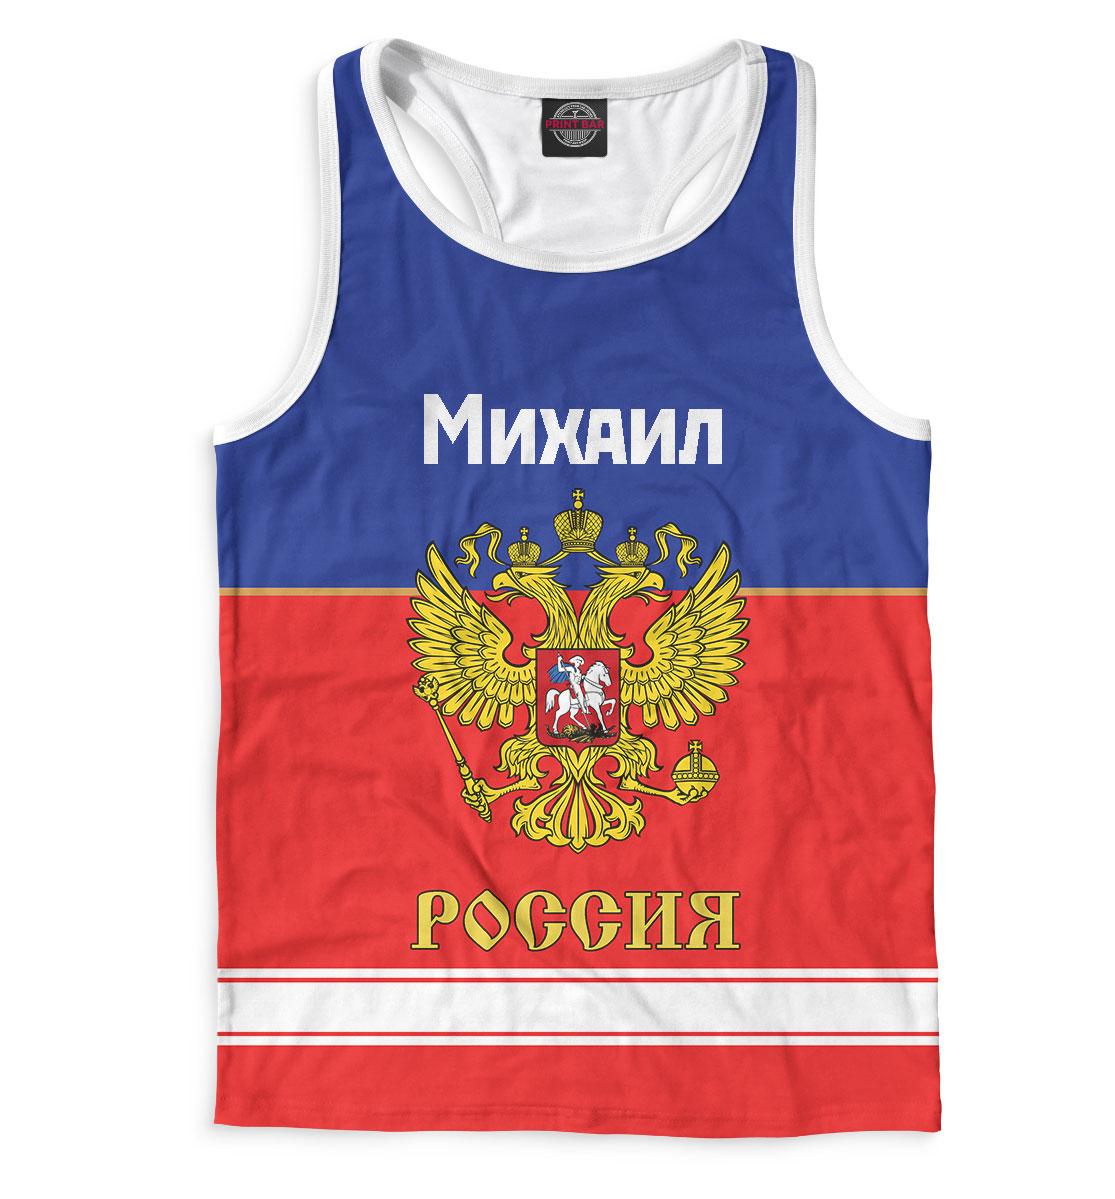 Купить Хоккеист Михаил, Printbar, Майки борцовки, MCH-485408-mayb-2